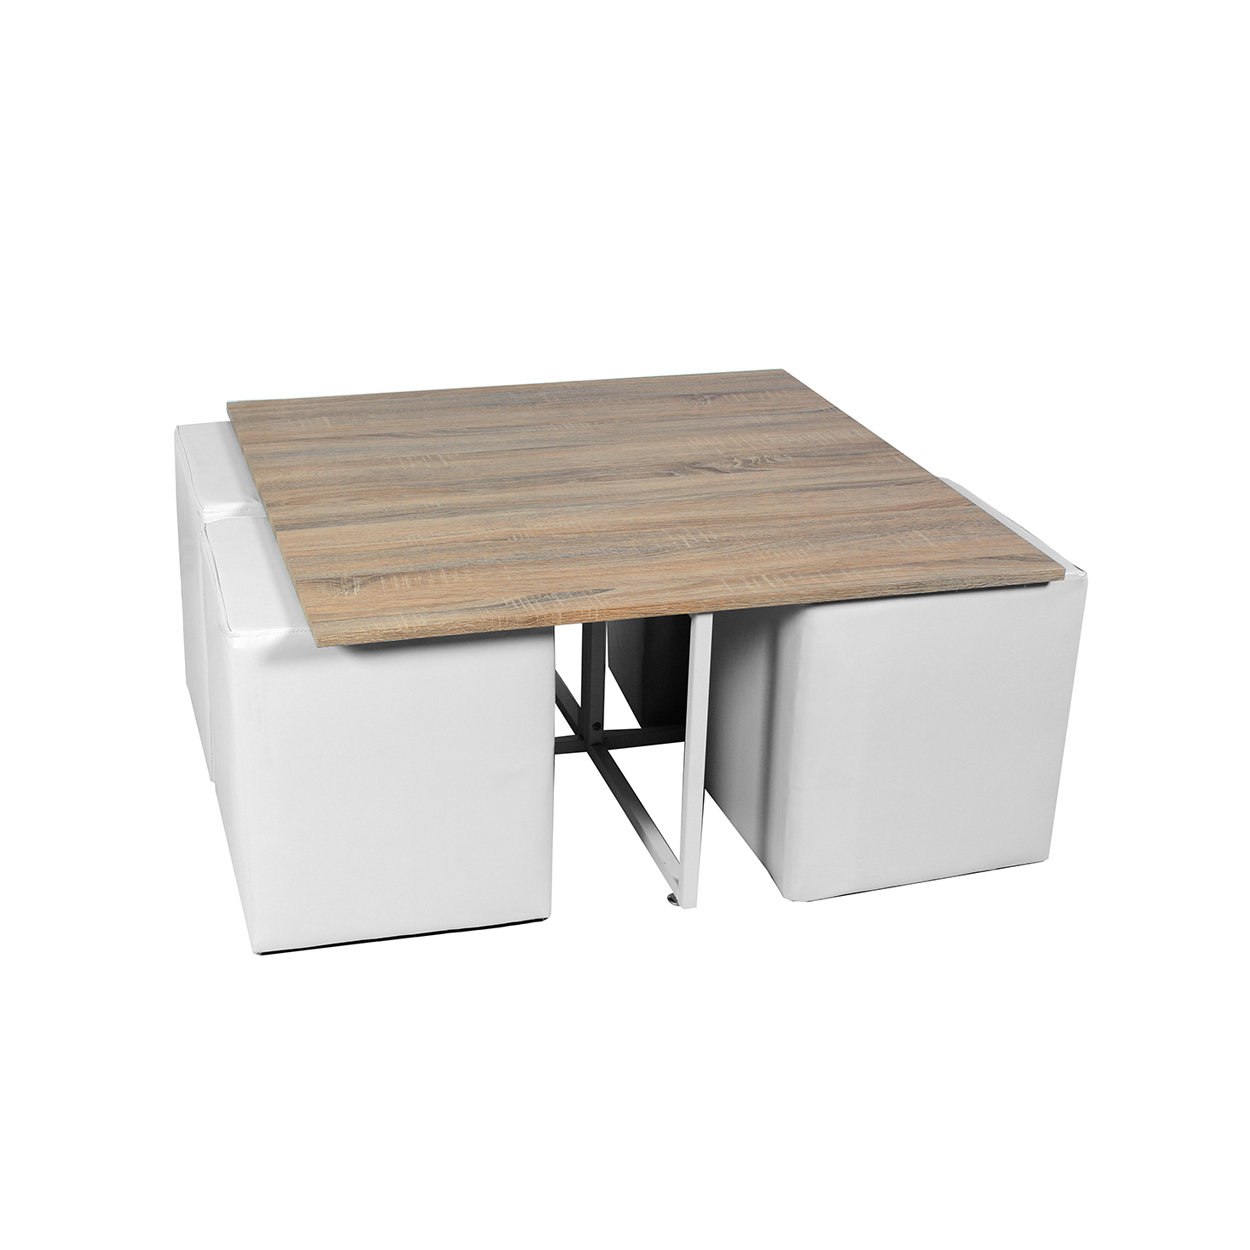 Tavolino 4 Pouf.Set Tavolino 4 Pouf Coffe Break Bianco Cose Di Casa Acquista Su Ventis